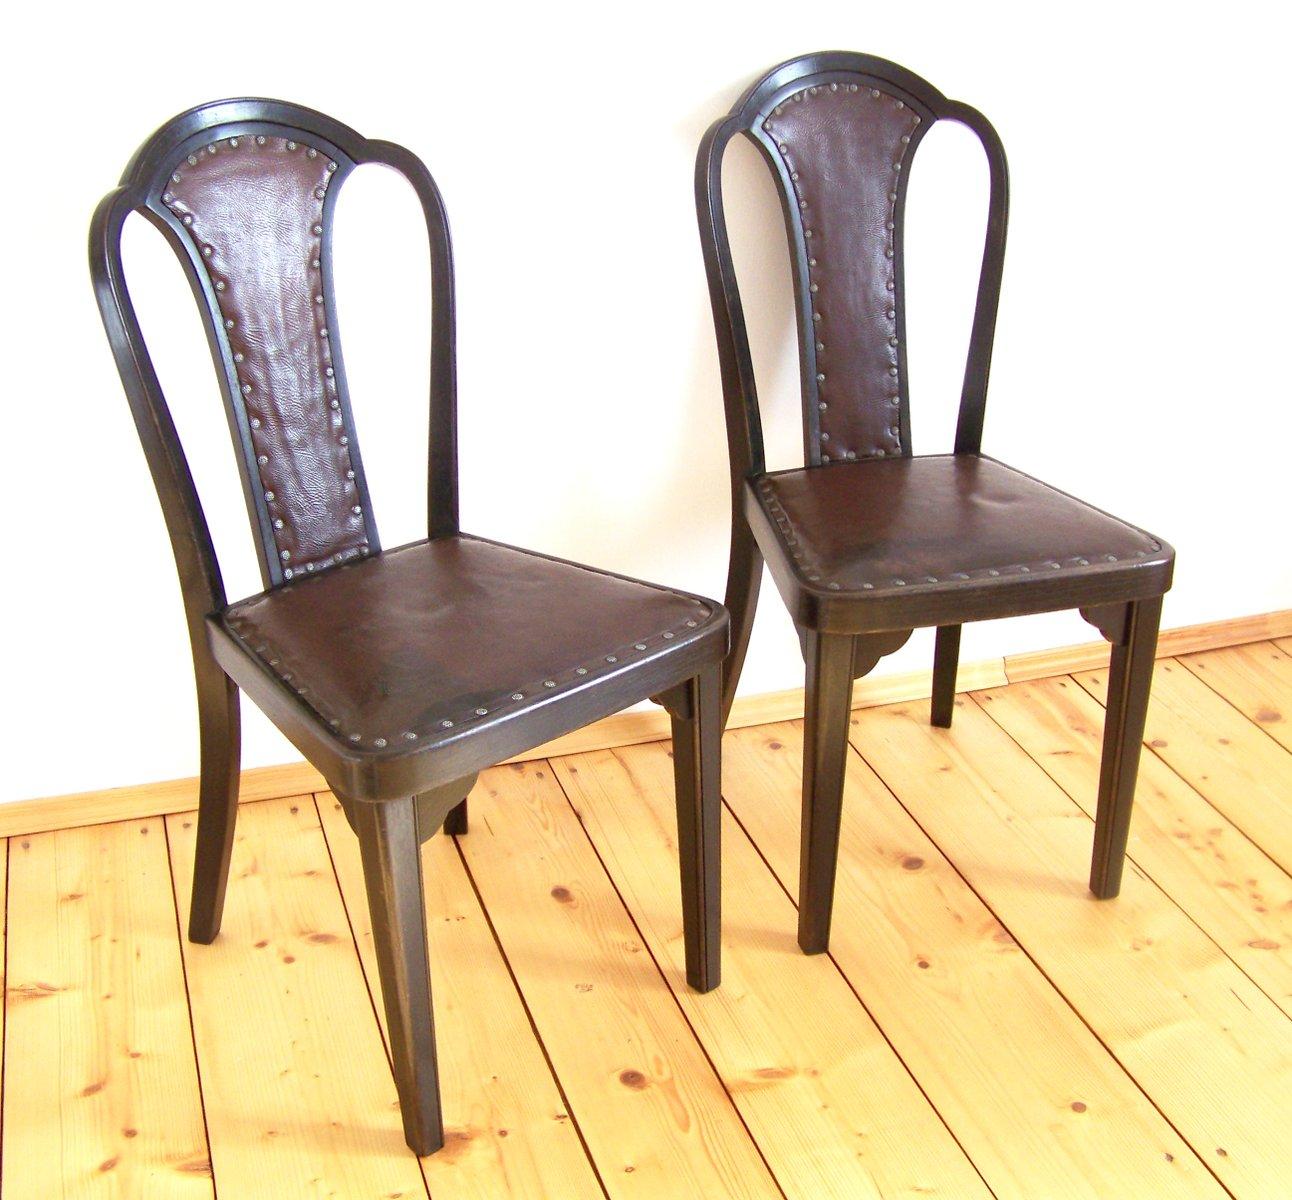 Chaises de salle manger mod le nr 918 par gustav siegel for Modele de chaises salle a manger